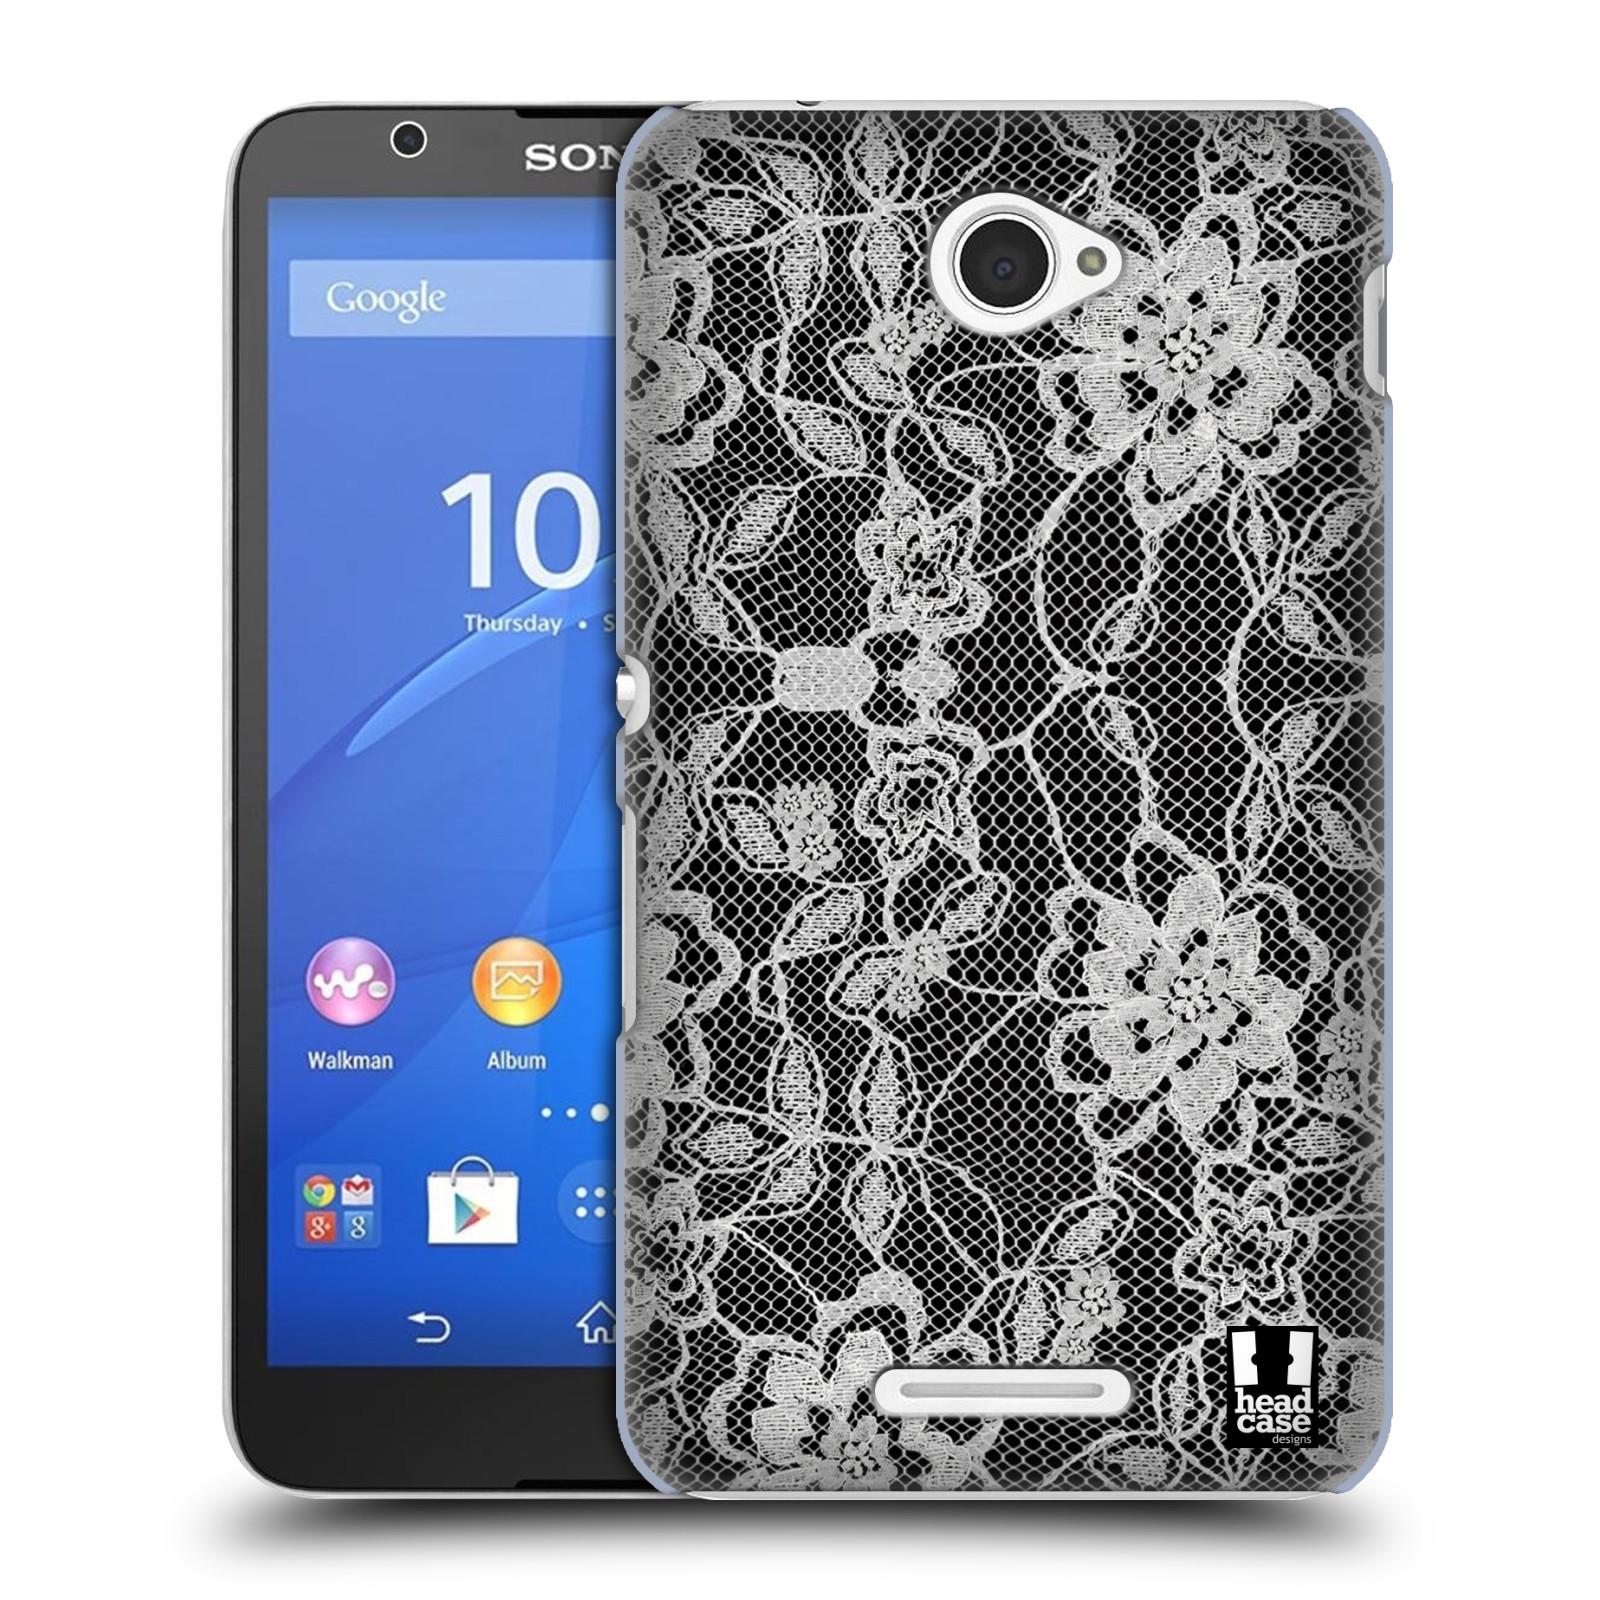 Plastové pouzdro na mobil Sony Xperia E4 E2105 HEAD CASE FLOWERY KRAJKA (Kryt či obal na mobilní telefon Sony Xperia E4 a E4 Dual SIM)